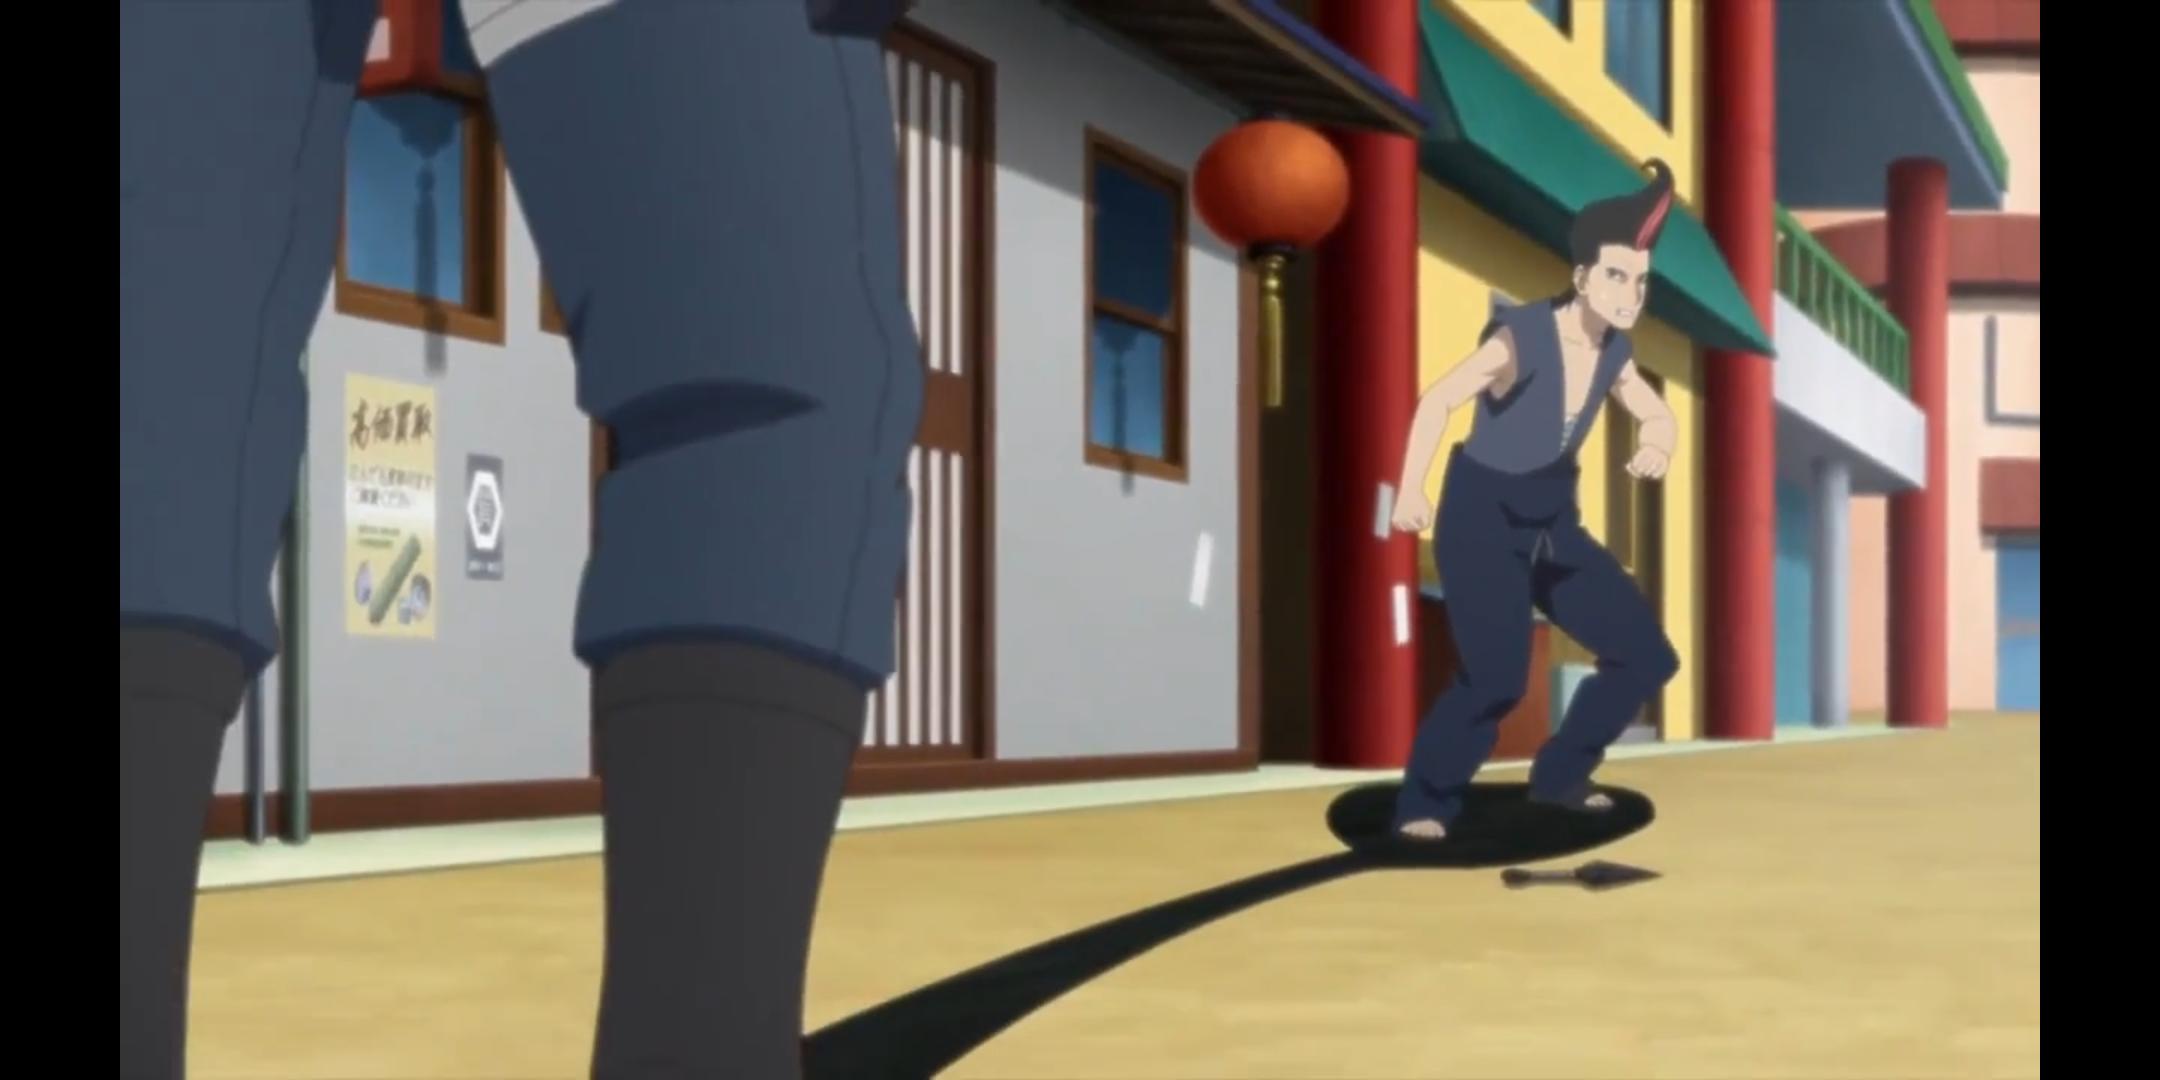 Episódio 177 - Shikadai captura criminoso